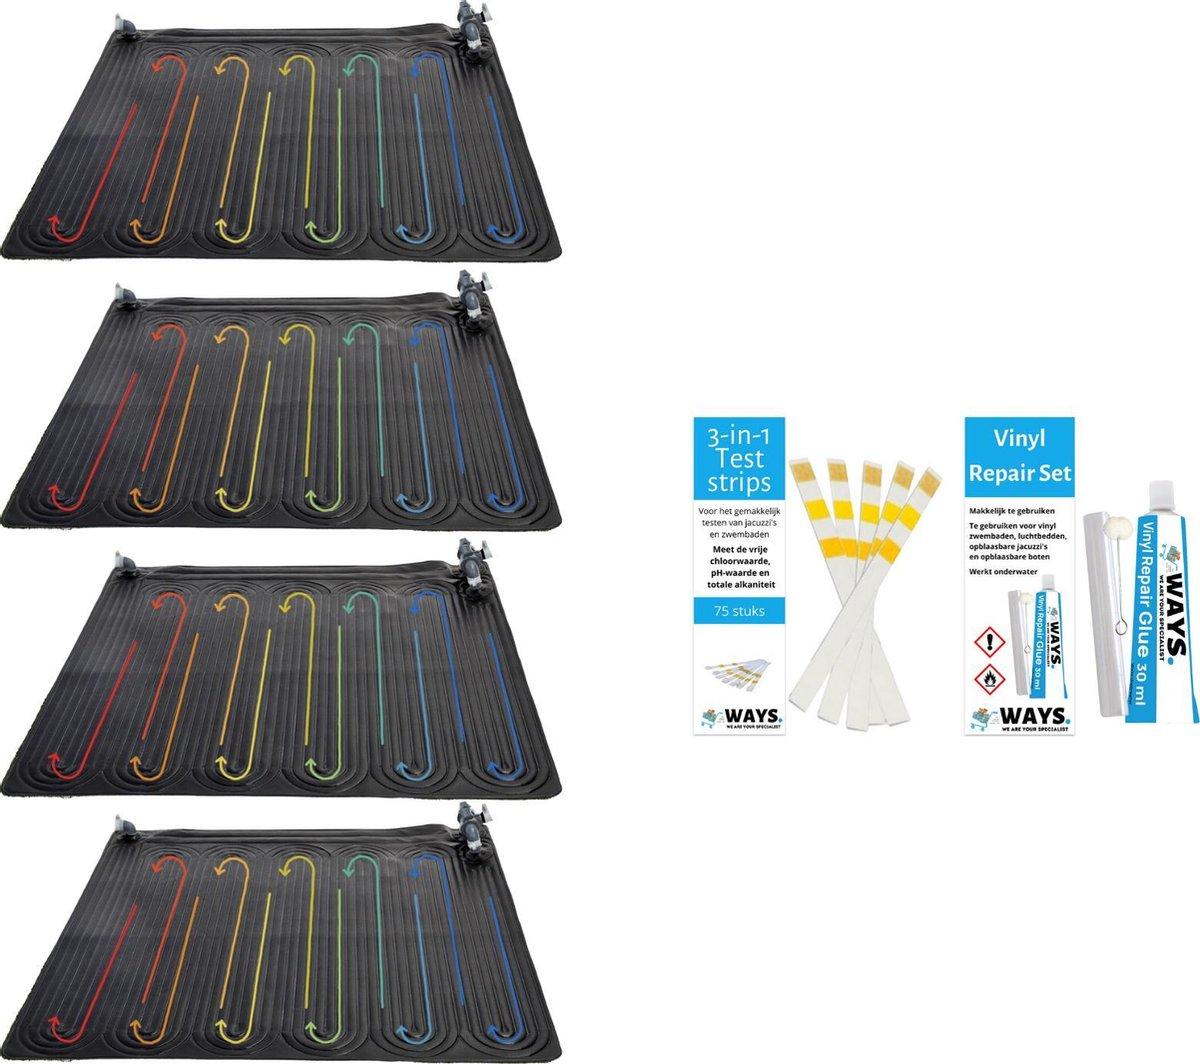 Intex - 4 stuks - Zwembad verwarming - Geschikt voor filterpomp 28604GS / 28638GS / 28636GS & WAYS Reparatieset en Teststrips